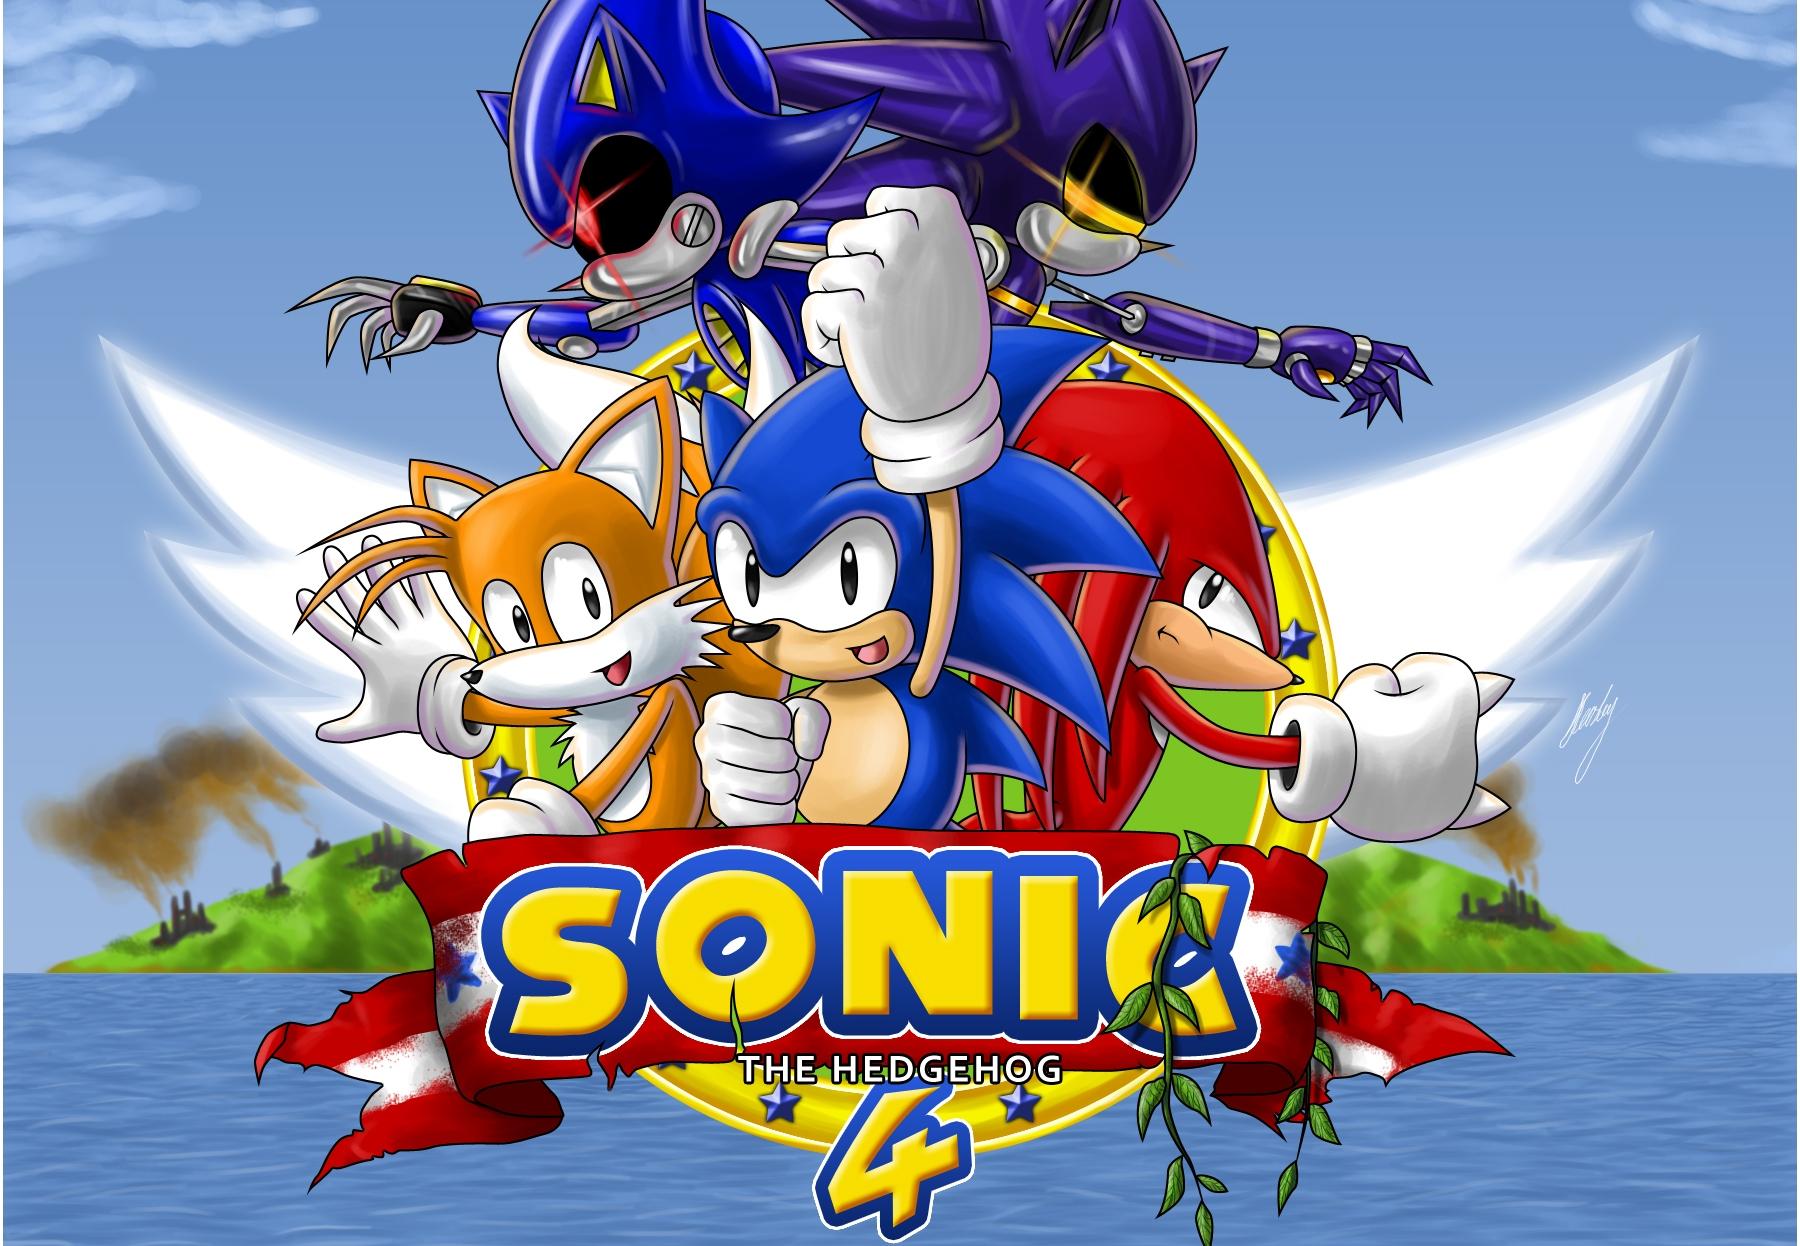 Sonic 4: Episodio I con fecha de salida